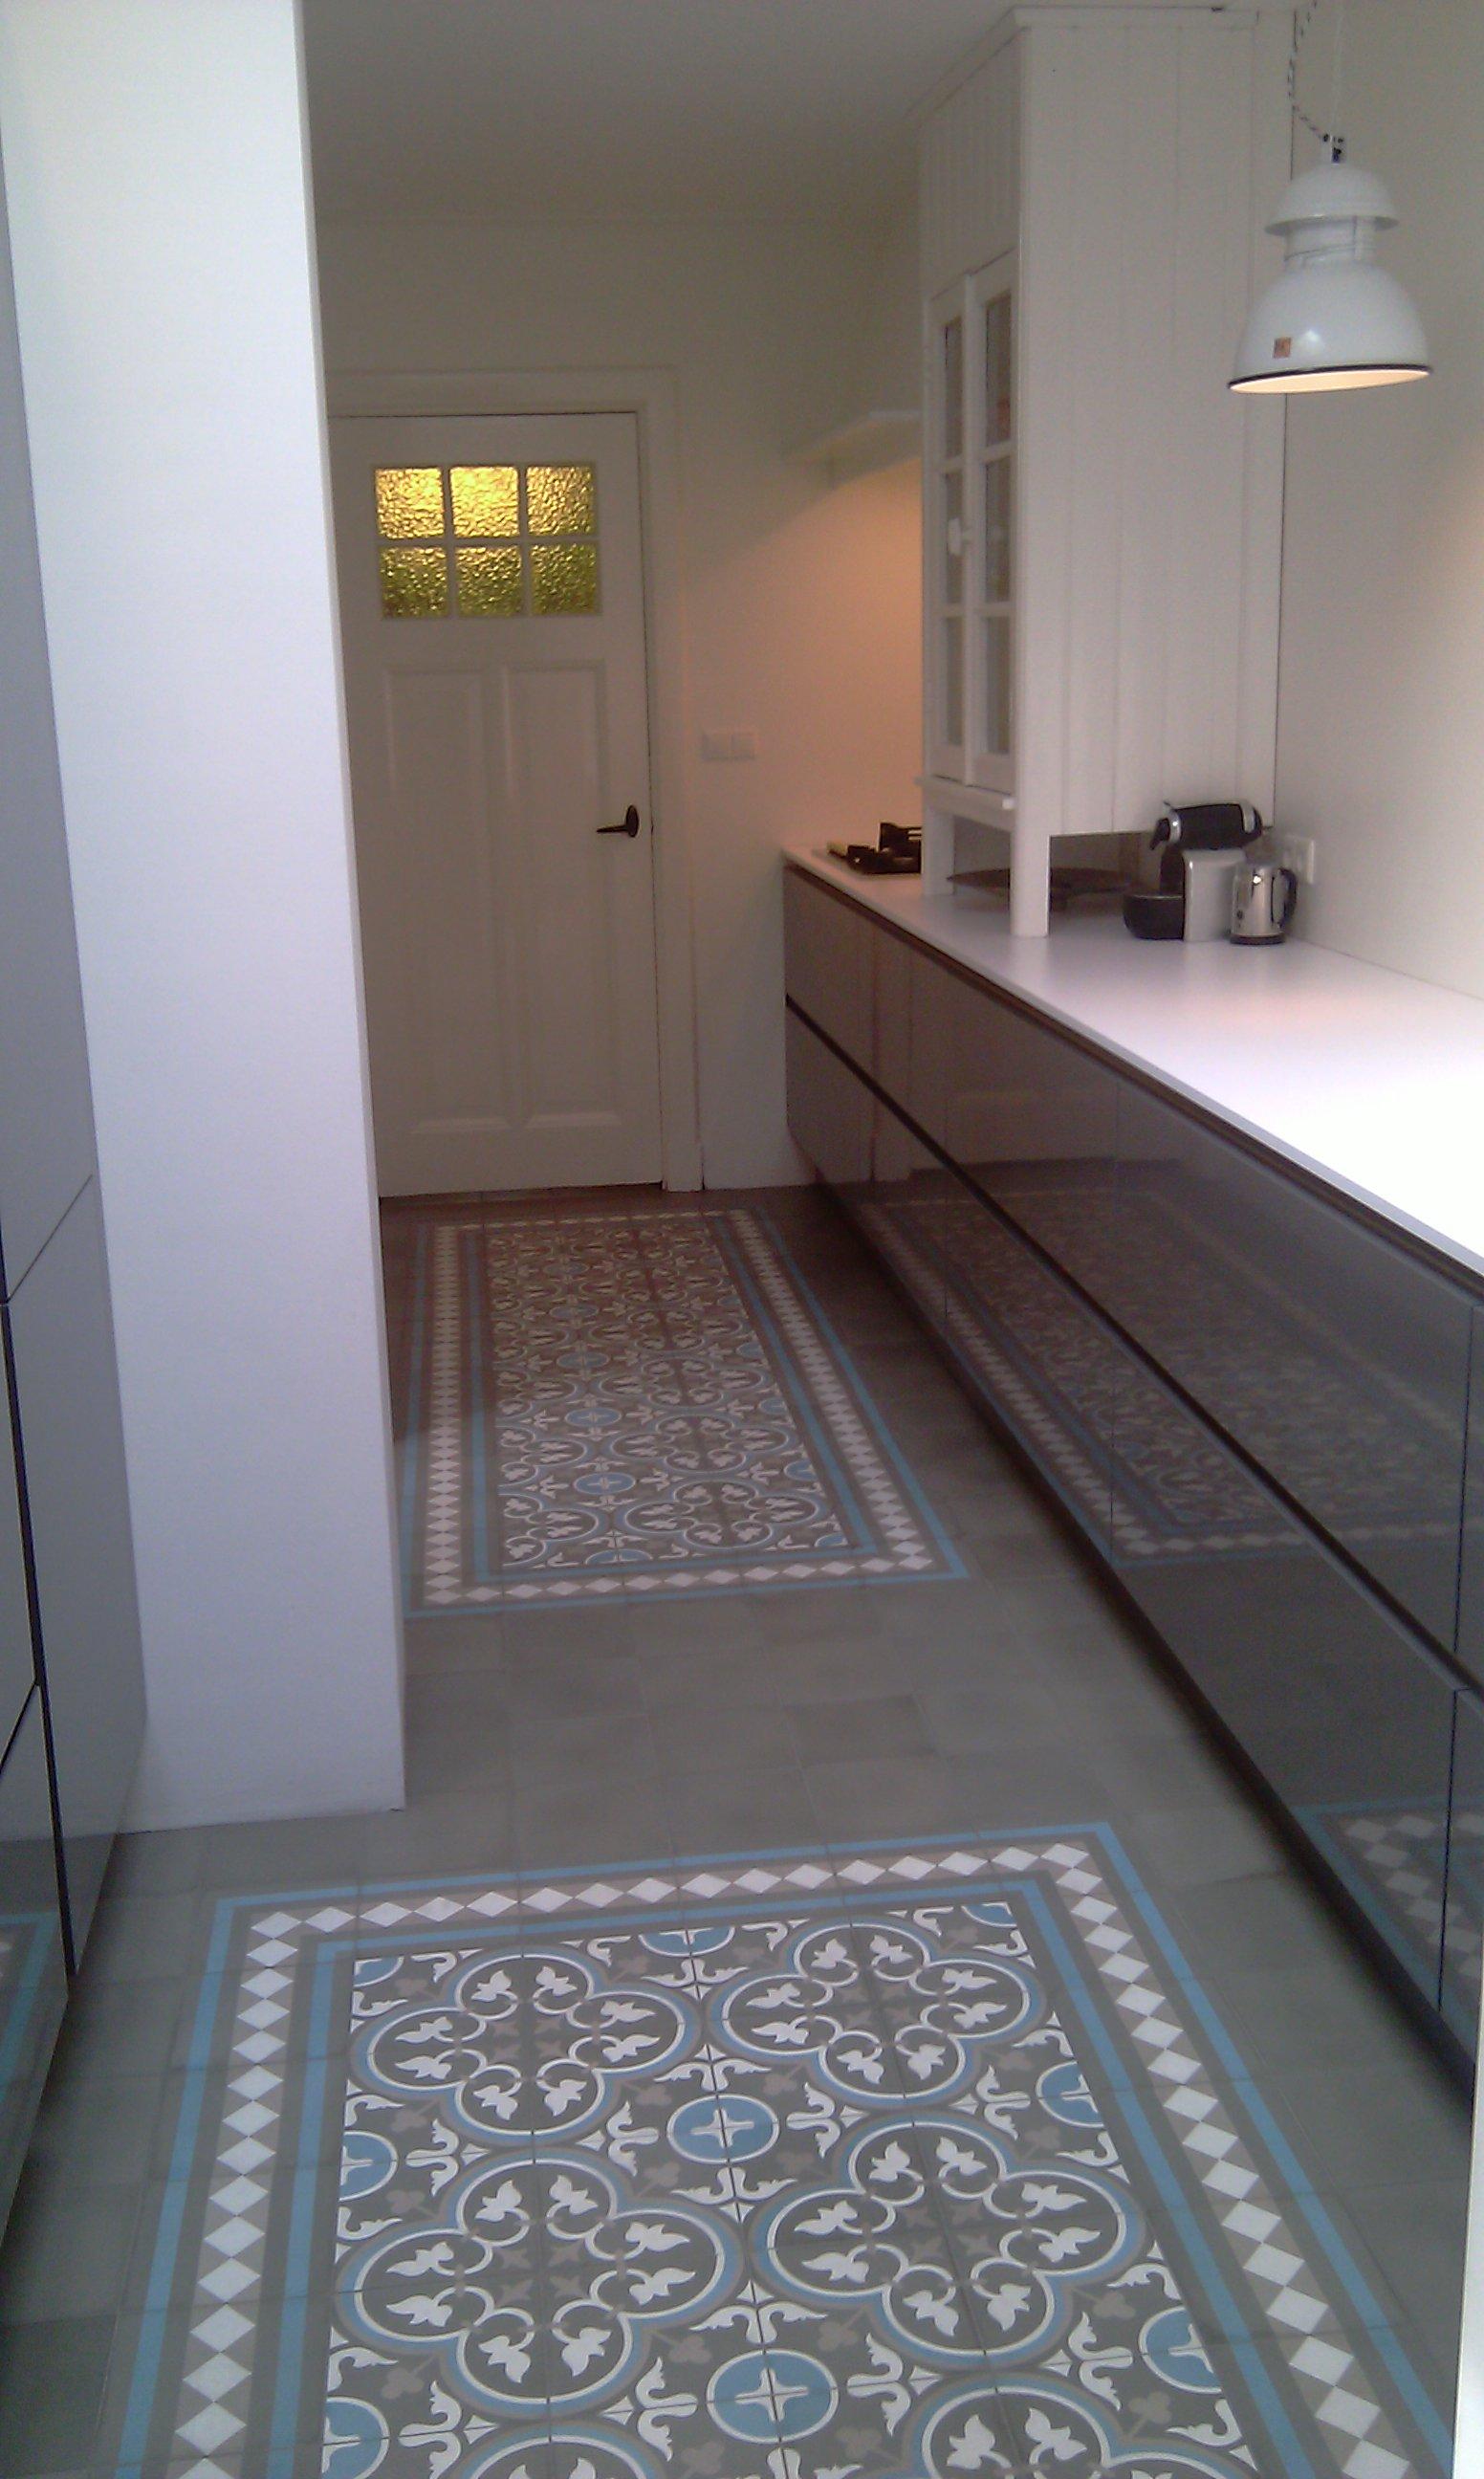 De tegel hilversum eigen kleurcombinatie - Tegel patroon badkamer ...